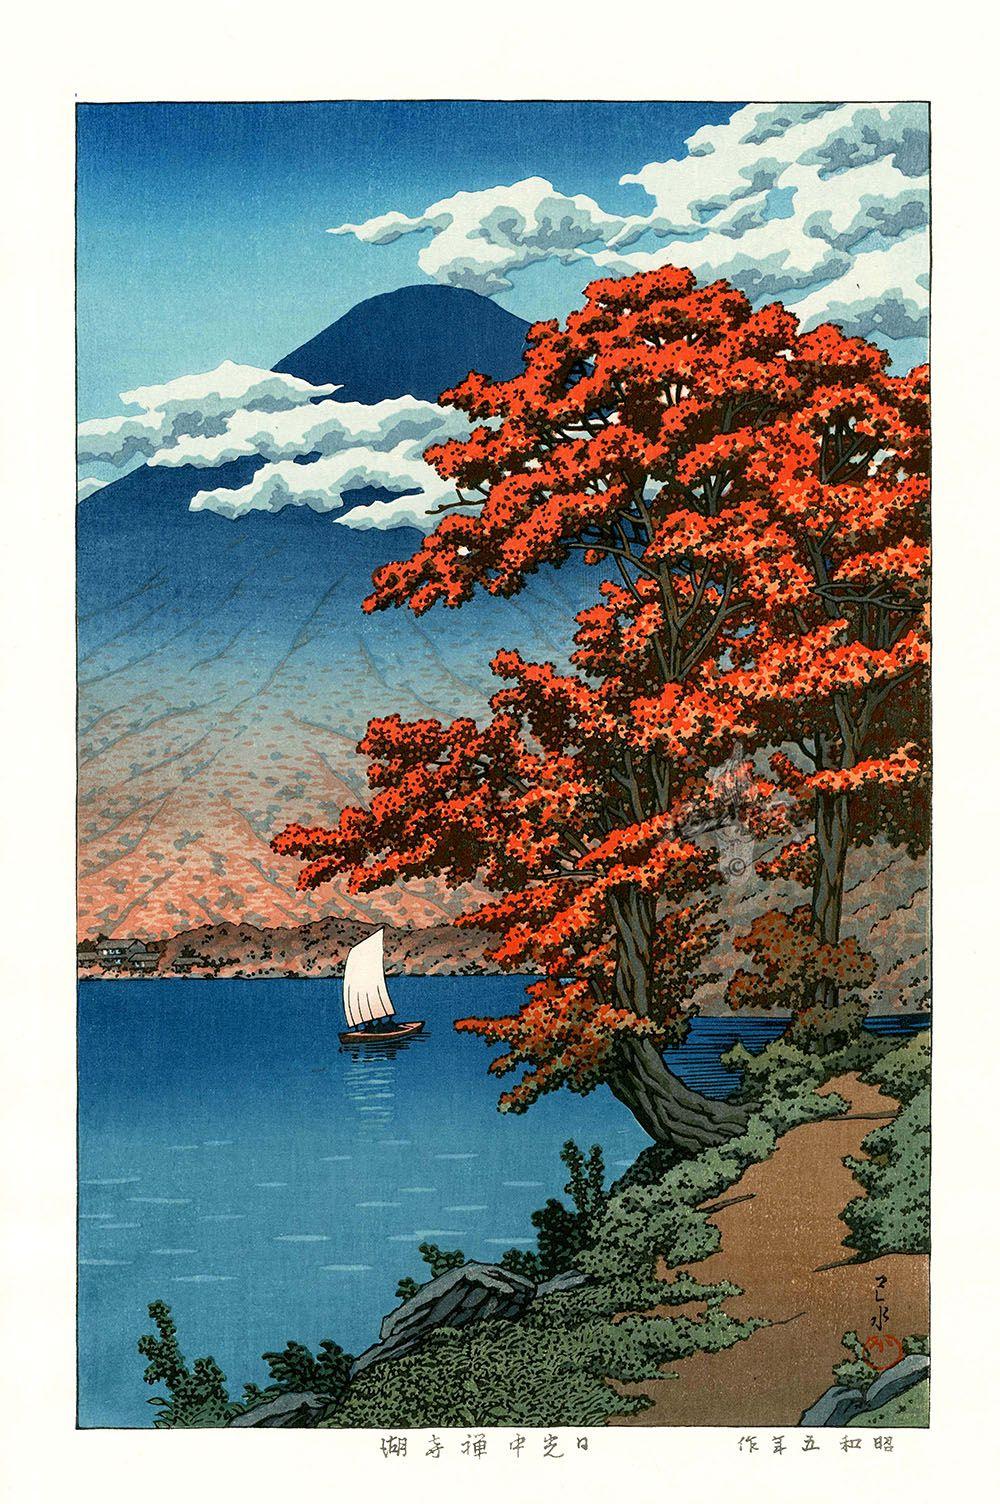 Kawase Hasui Lake Chuzenji 1930 from Kawase Hasui Japanese Woodblock Moonlit & Snow Prints